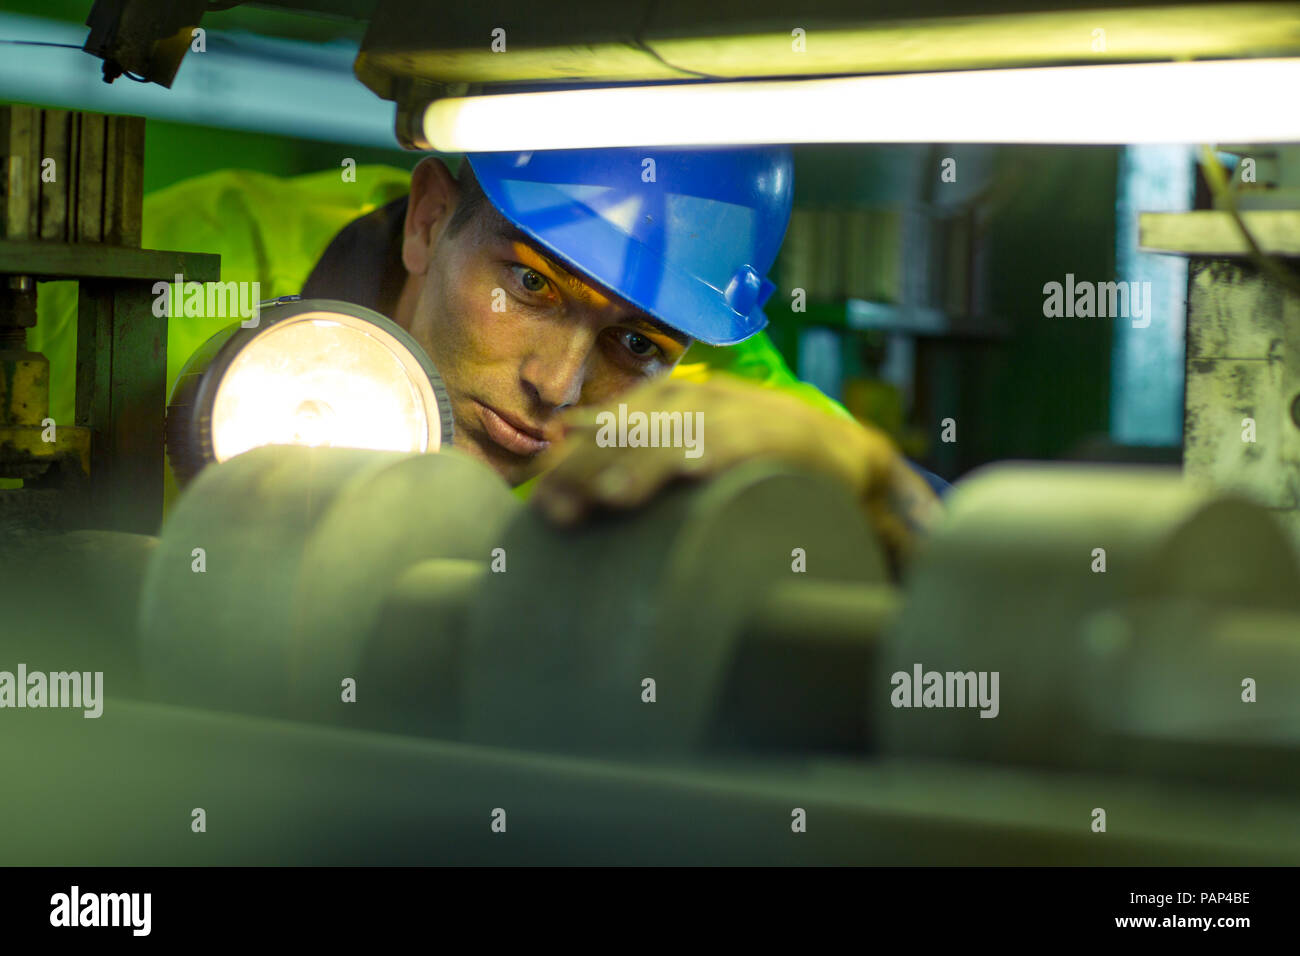 Dans l'industrie ingénieur machines inspection Banque D'Images